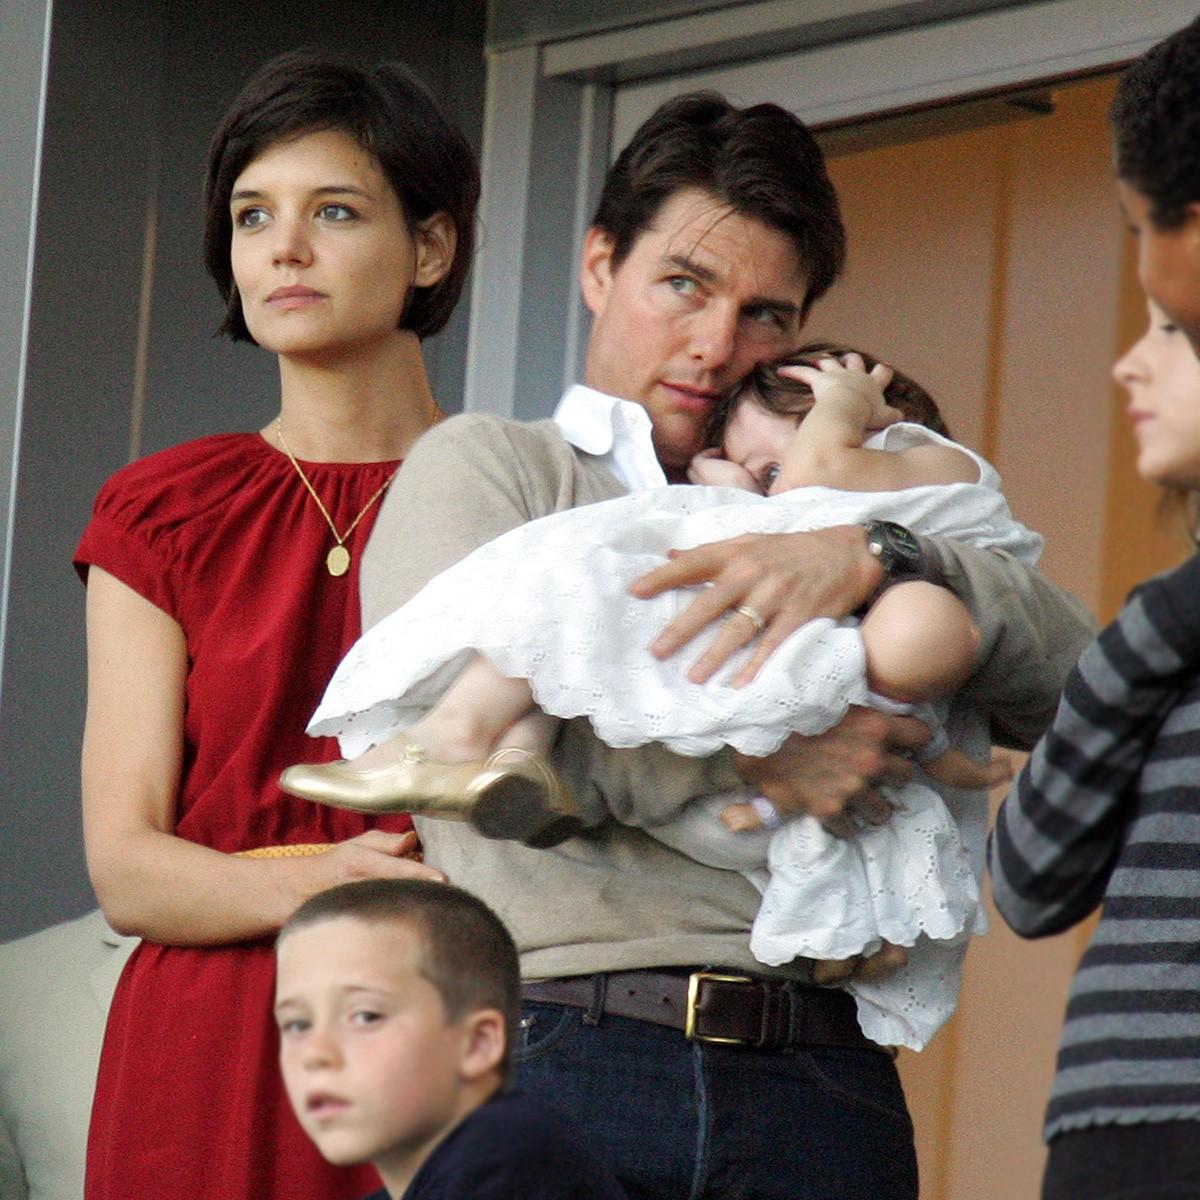 Tom Cruise e Katie Holmes dizem que Suri é uma variação do nome hebreu Sarah - não podia simplificar? (Foto: Getty Images)